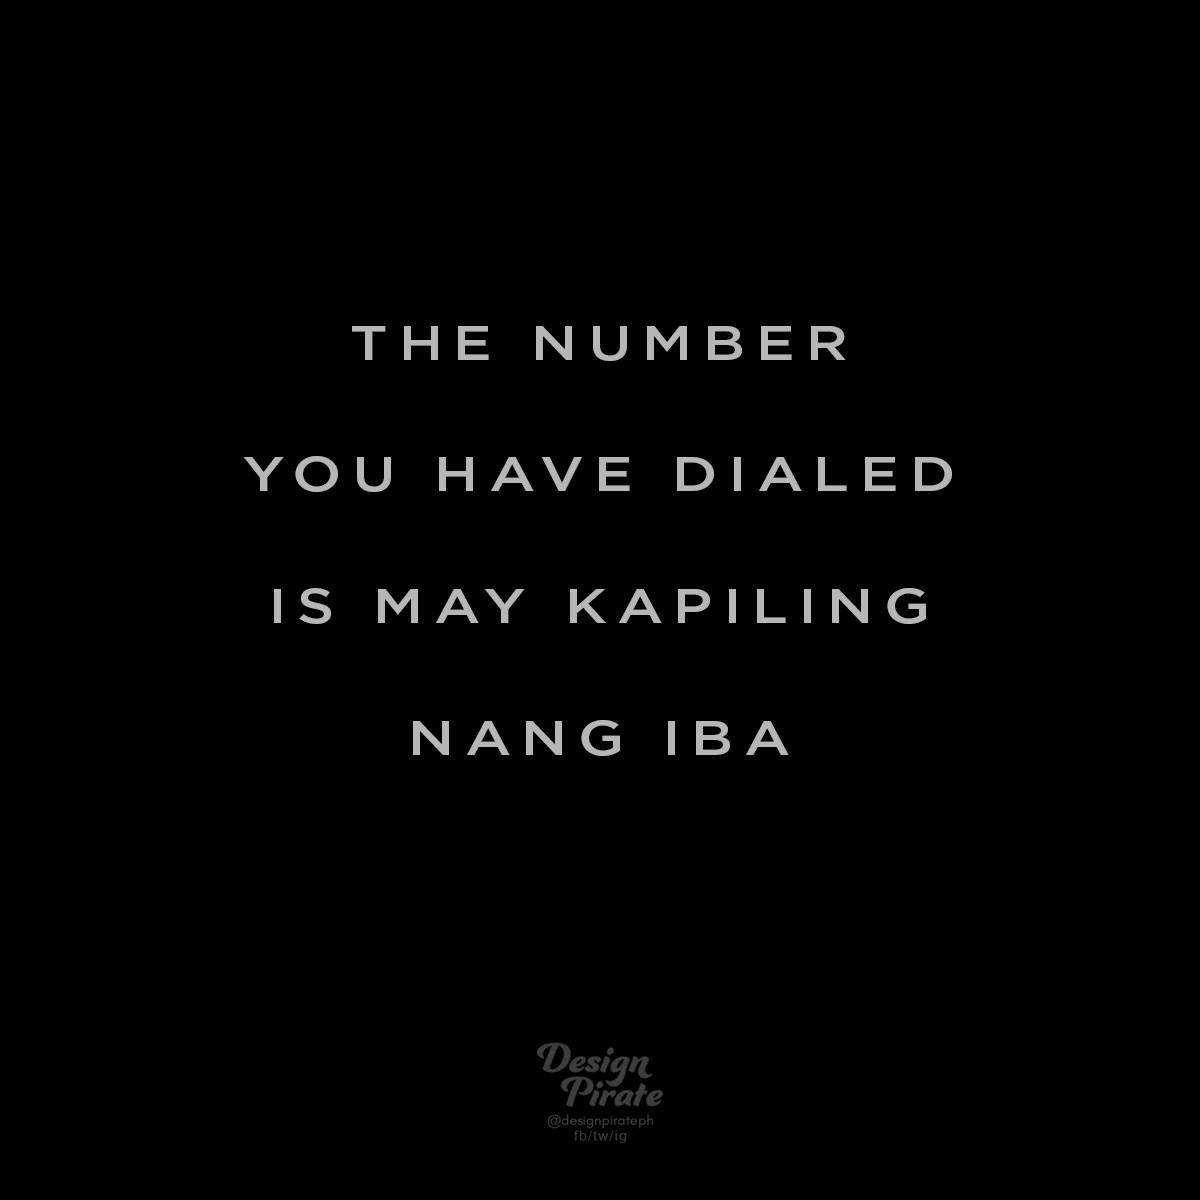 Pin By Sumabong On Tagalog Quotes Tagalog Quotes Hugot Funny Tagalog Quotes Funny Quotes